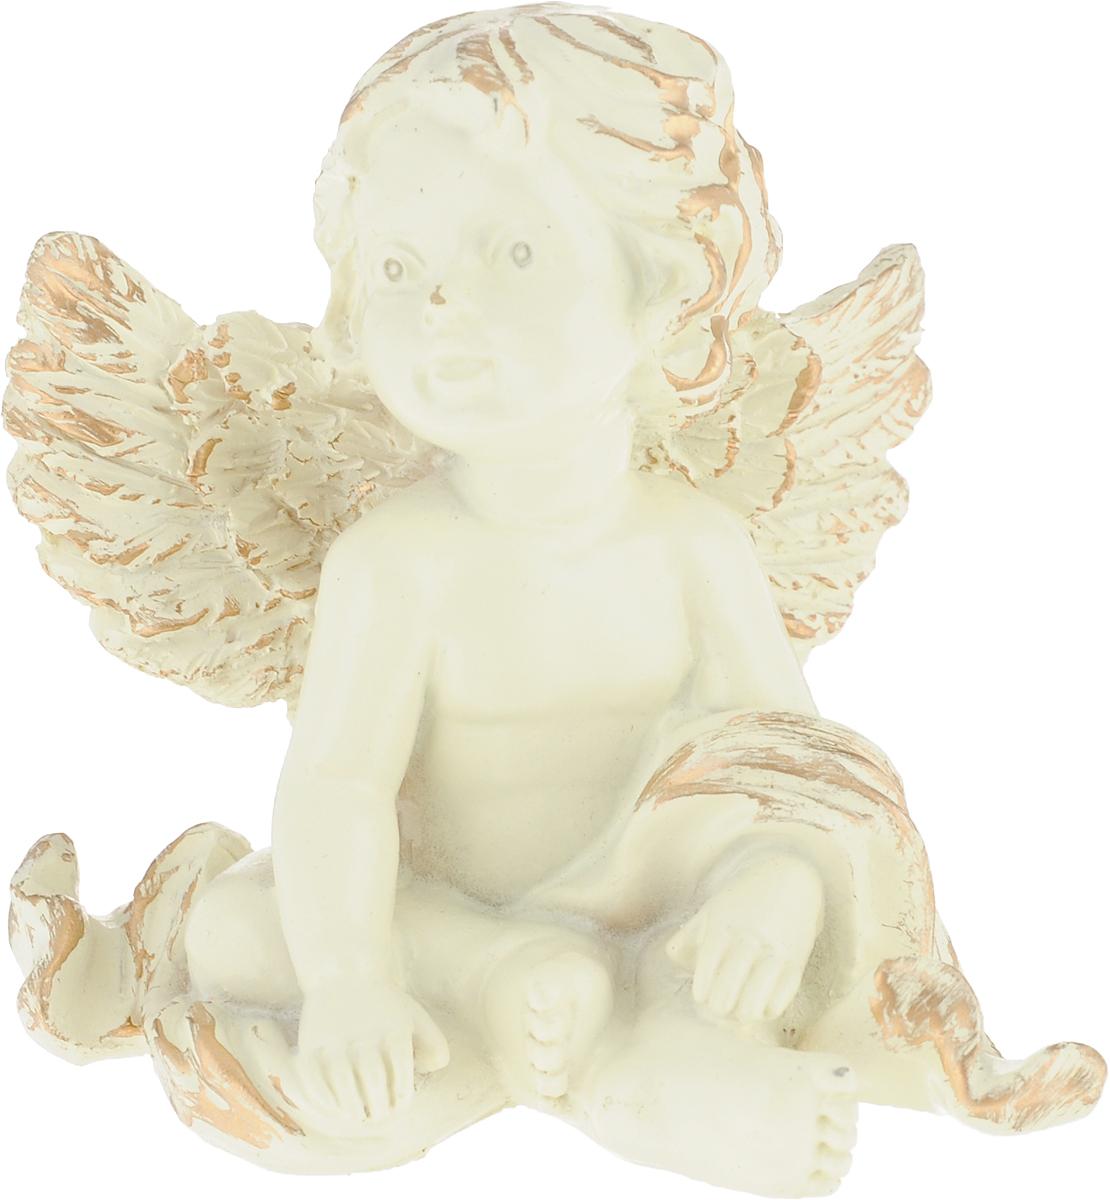 Фигурка декоративная Magic Home Задумчивый ангел, цвет: слоновая кость, золотой, 6,5 х 7 х 5,5 см цена